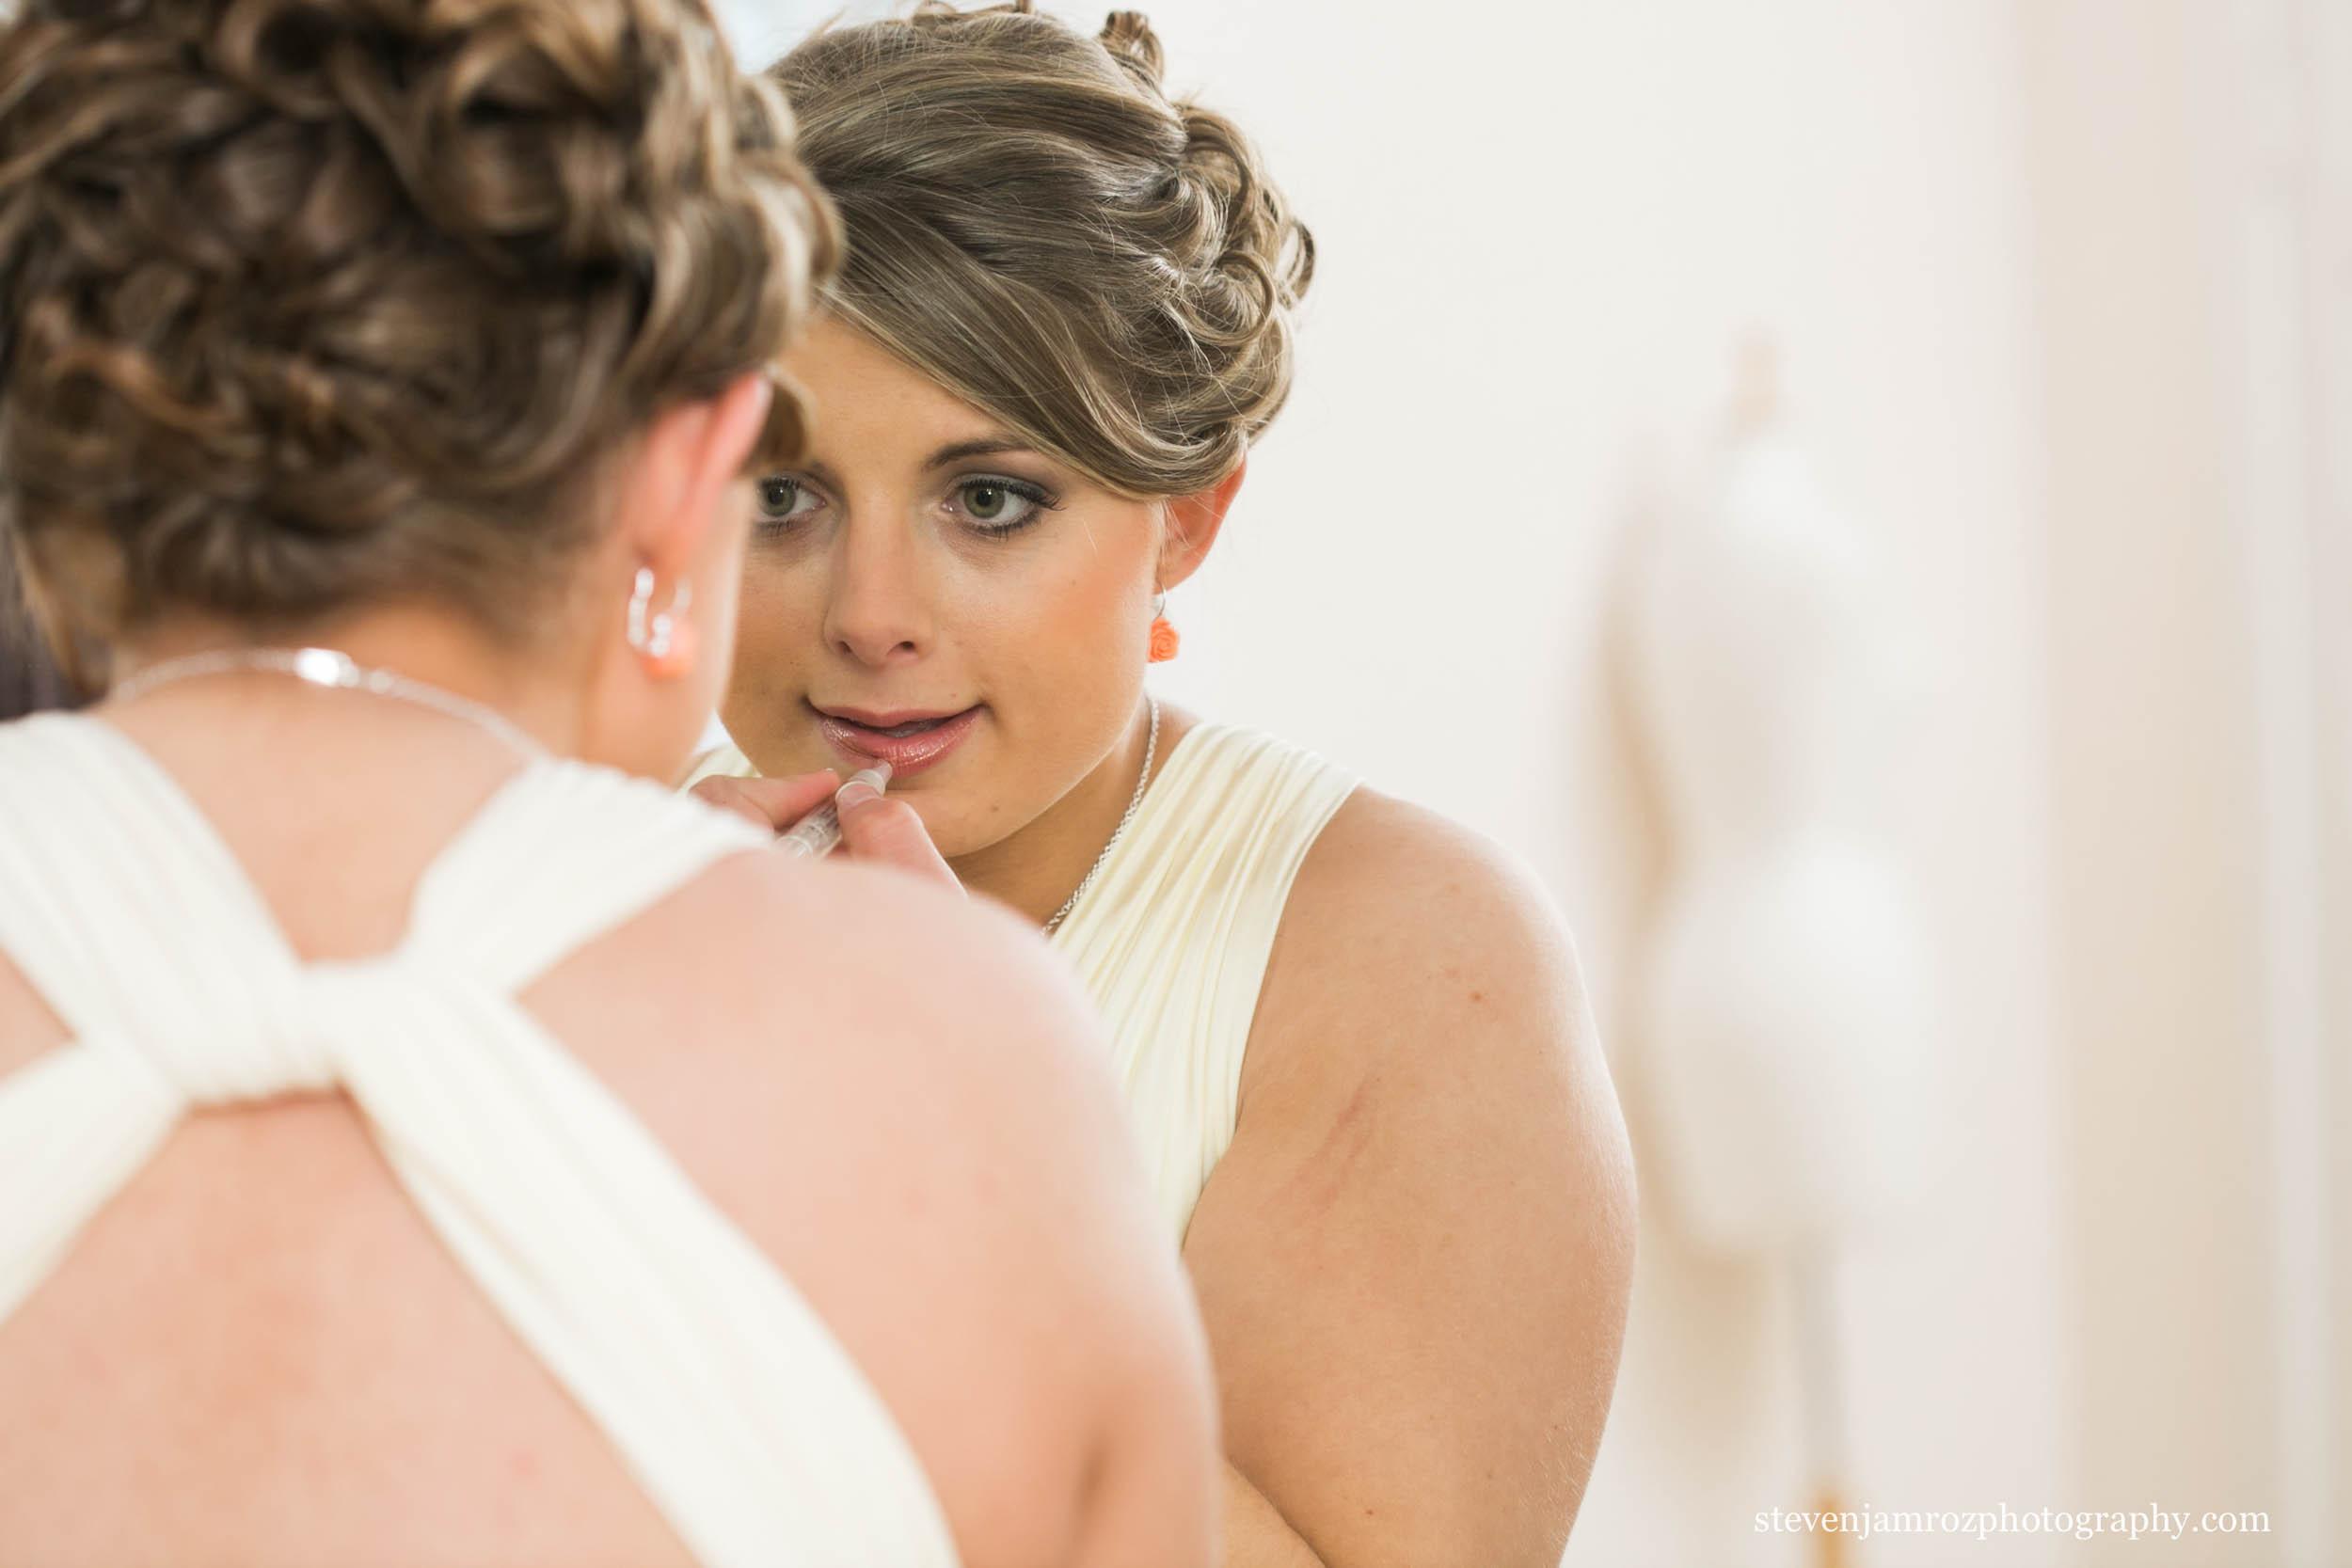 lipstick-bride-in-mirror-hudson-manor-estate-0871.jpg